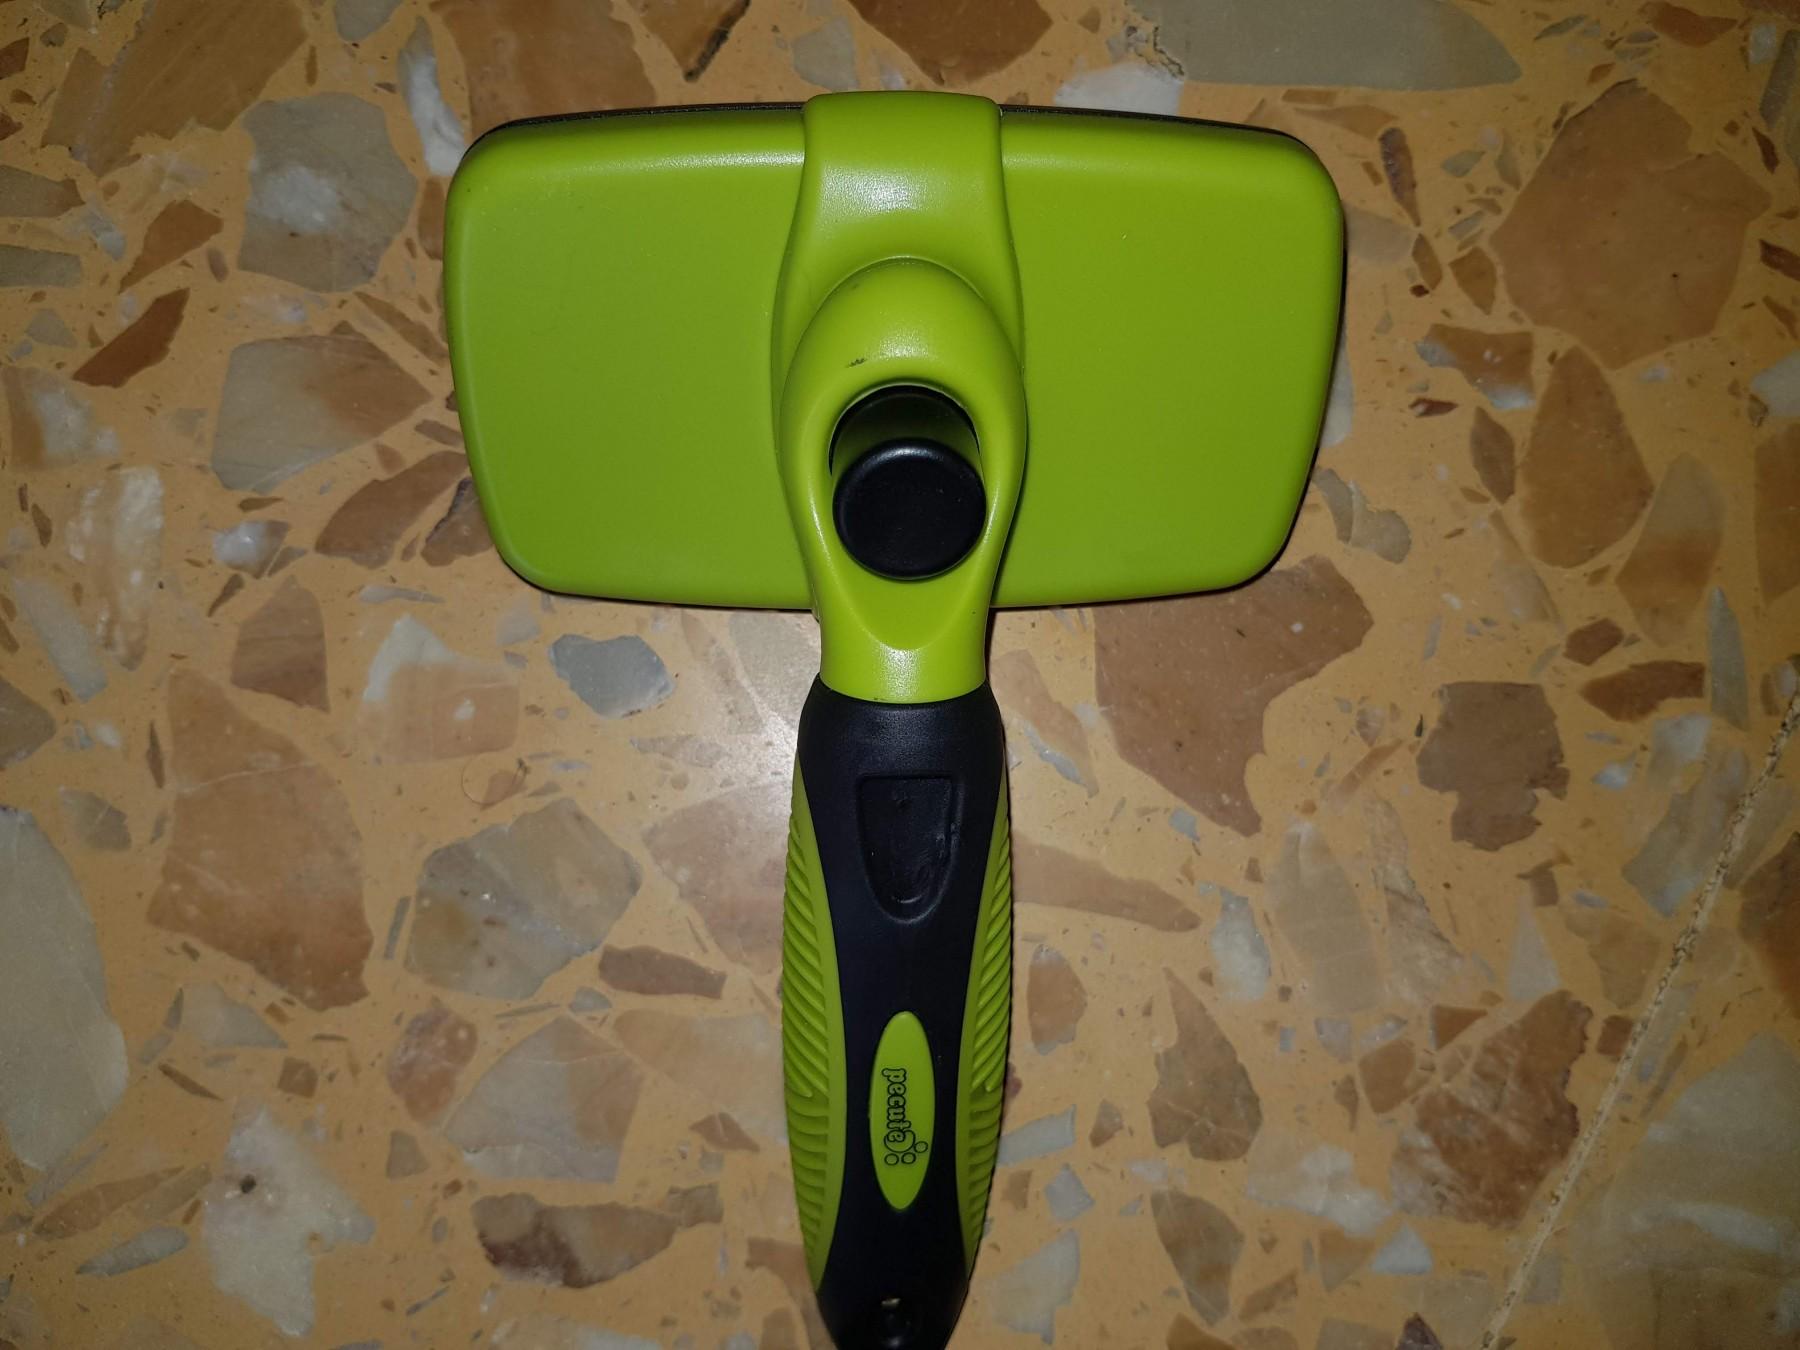 Ottimo prodotto, facile da usare, pulizia immediata